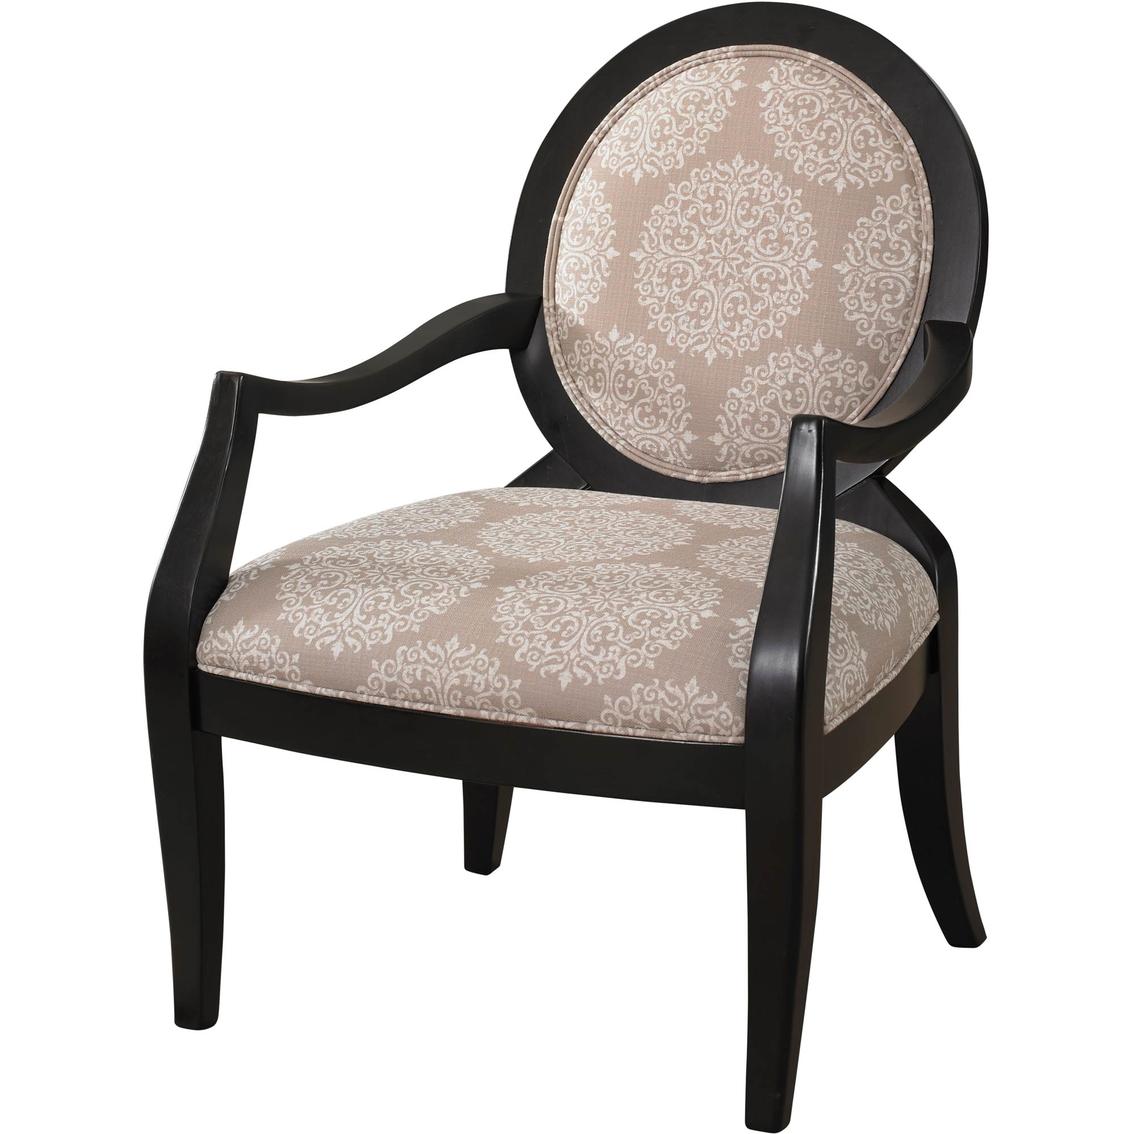 Powell Batik Pearl Black Chair  sc 1 st  Exchange & Powell Batik Pearl Black Chair | Chairs u0026 Recliners | Home ... islam-shia.org